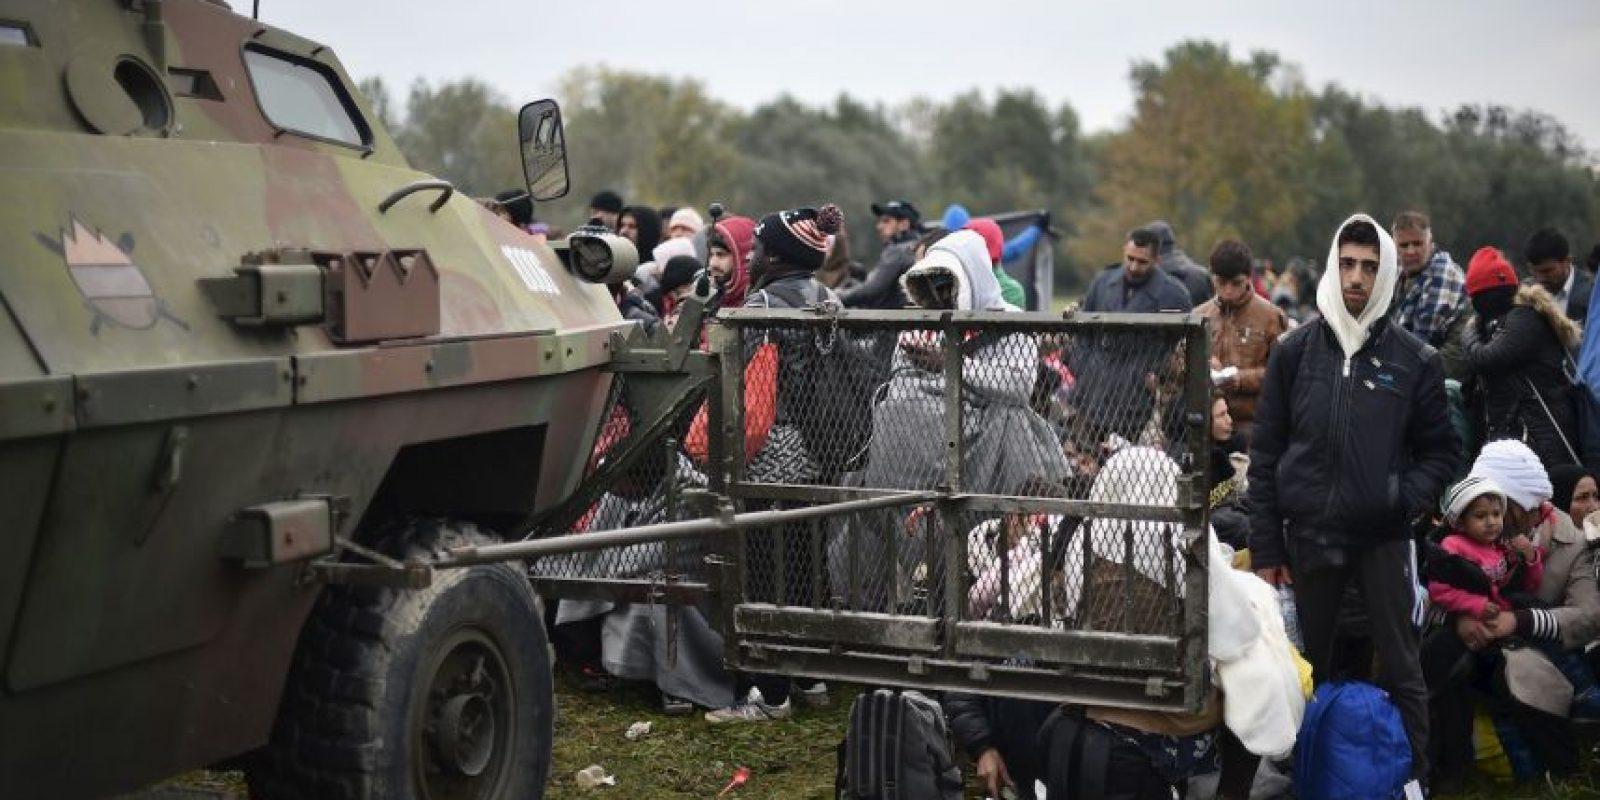 """Uno de los territorios de donde salieron más migrantes fue Siria, país inmerso en la guerra que el presidente Bashar al-Assad y las fuerzas rebeldes a su gobierno protagonizan, y en el que el grupo yihadista """"Estado Islámico"""" tiene mayor presencia. Foto:Getty Images"""